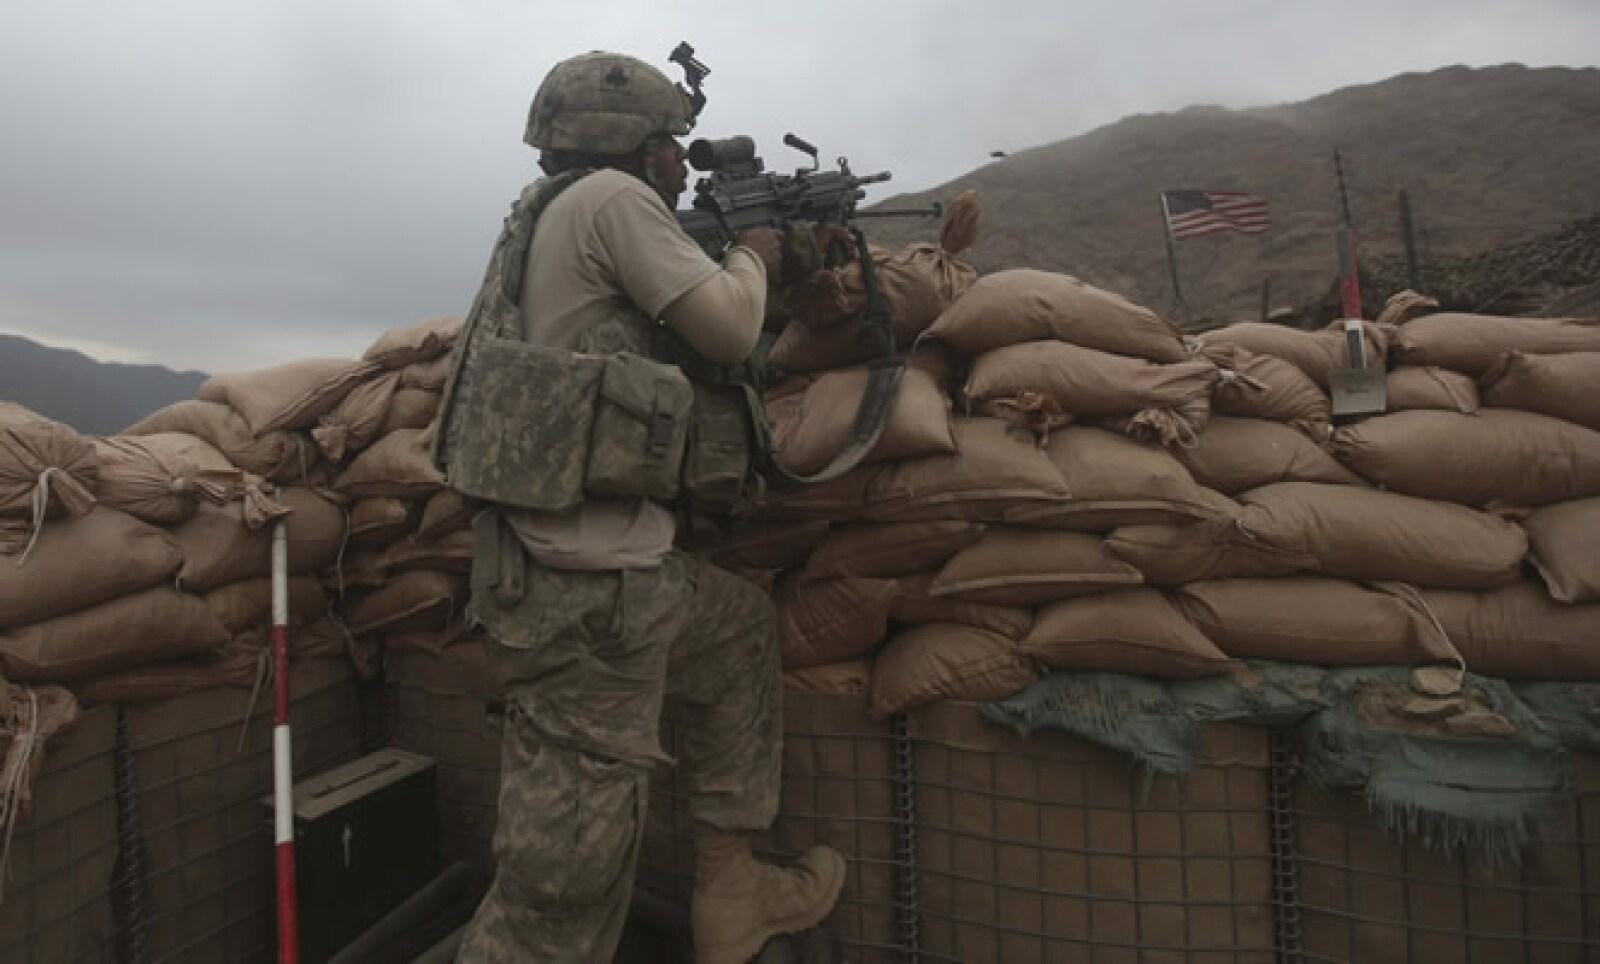 Estados Unidos, junto con el Reino Unido, lanzó una guerra en contra de la organización Al-Qaeda, bajo el nombre de 'Global War on Terror' o 'Operation Enduring Freedom'. Esta operación militar tuvo un costo de 1.2 billones de dólares y un saldo de más de